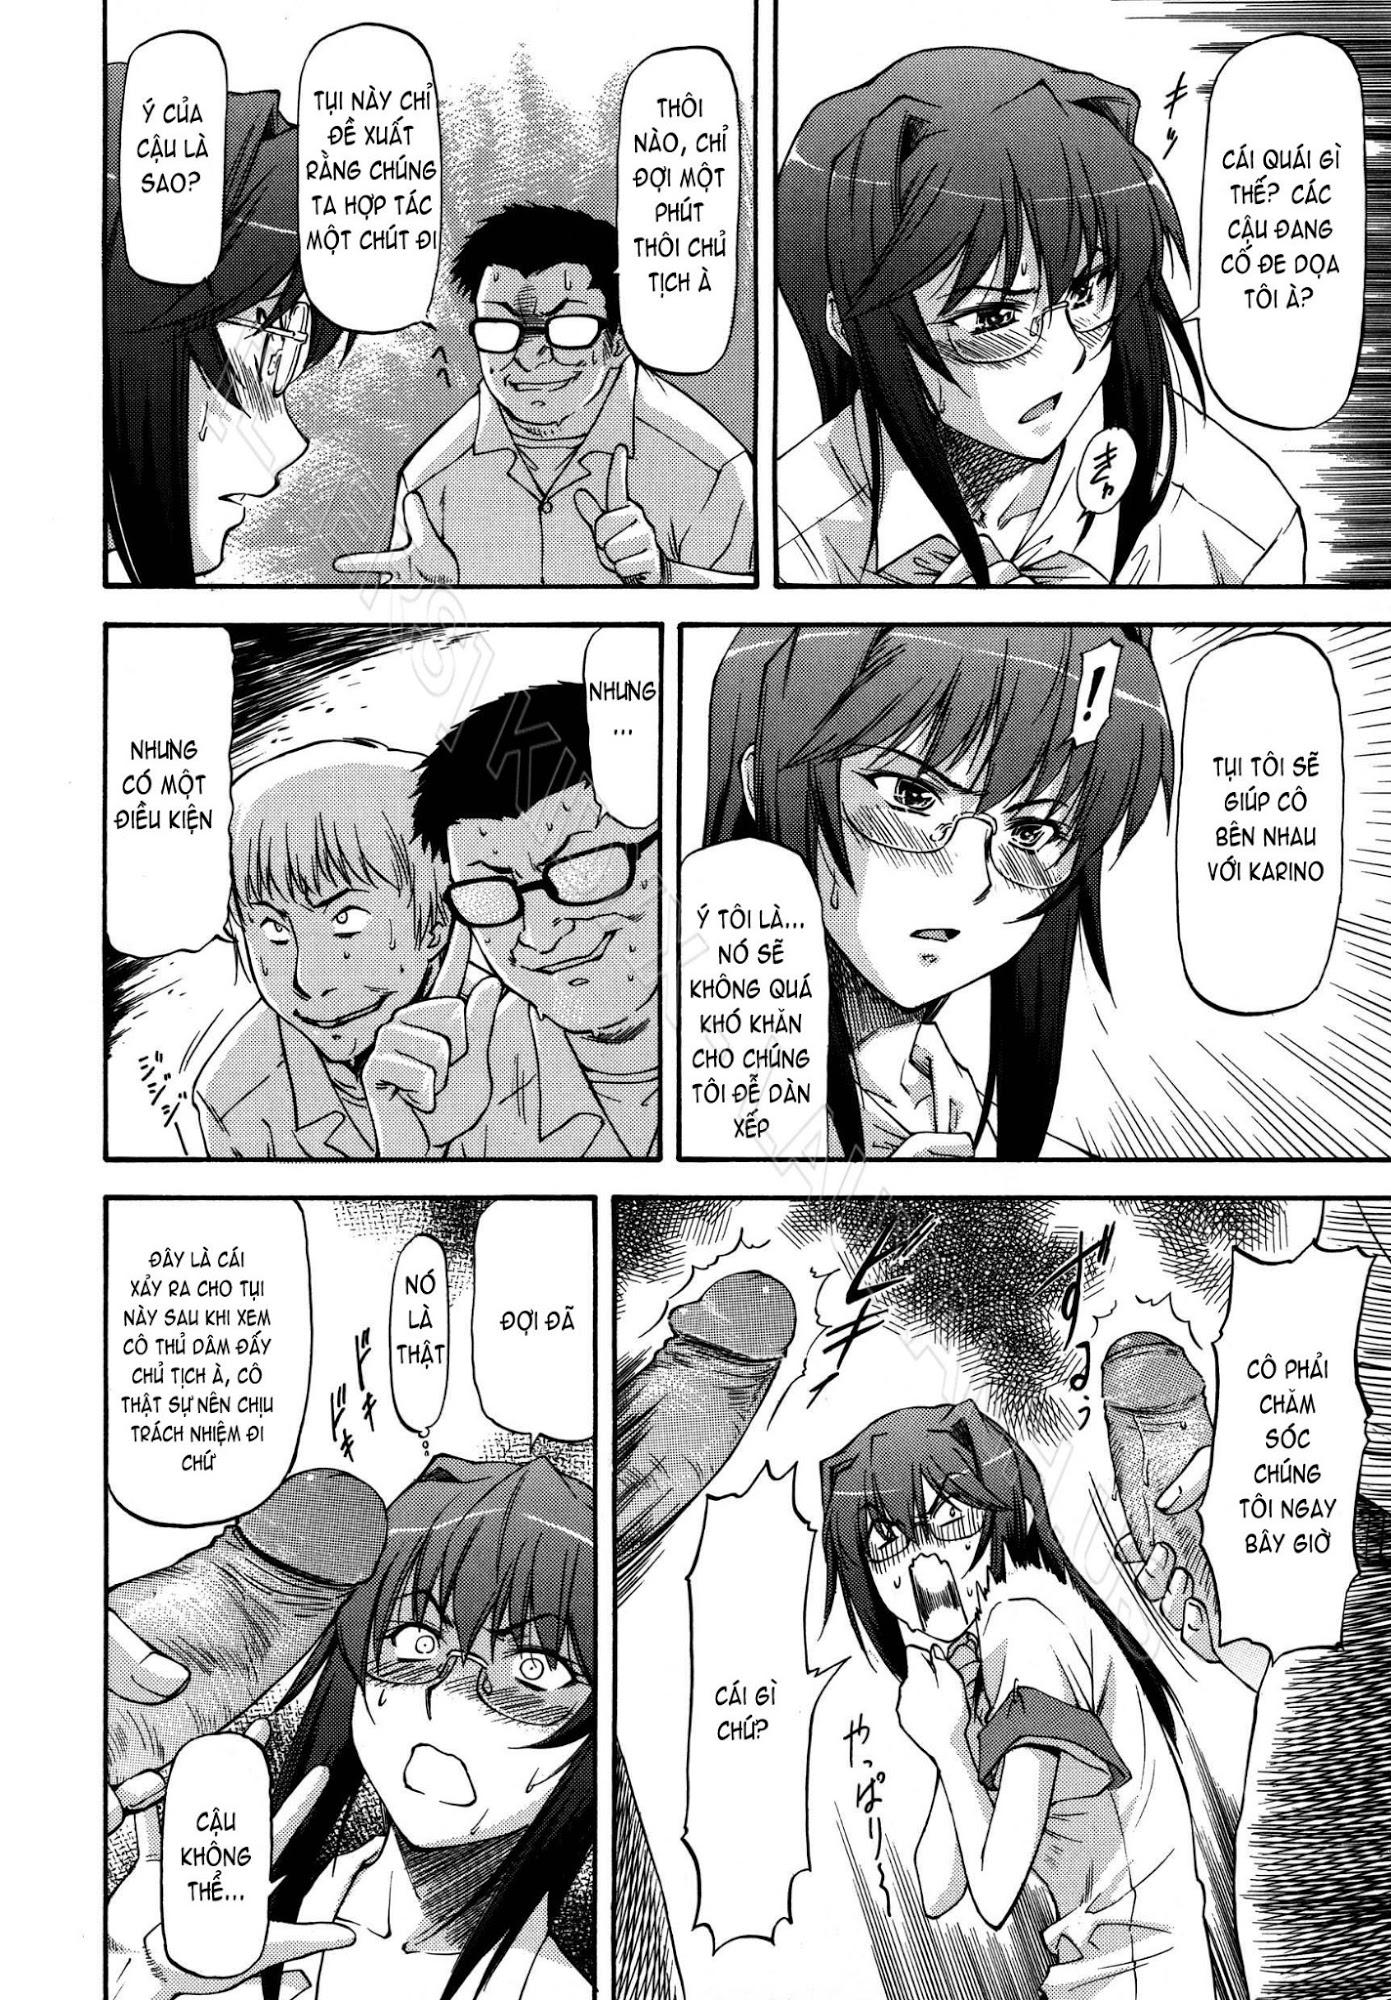 Hình ảnh Hinh_007 in Truyện tranh hentai không che: Parabellum